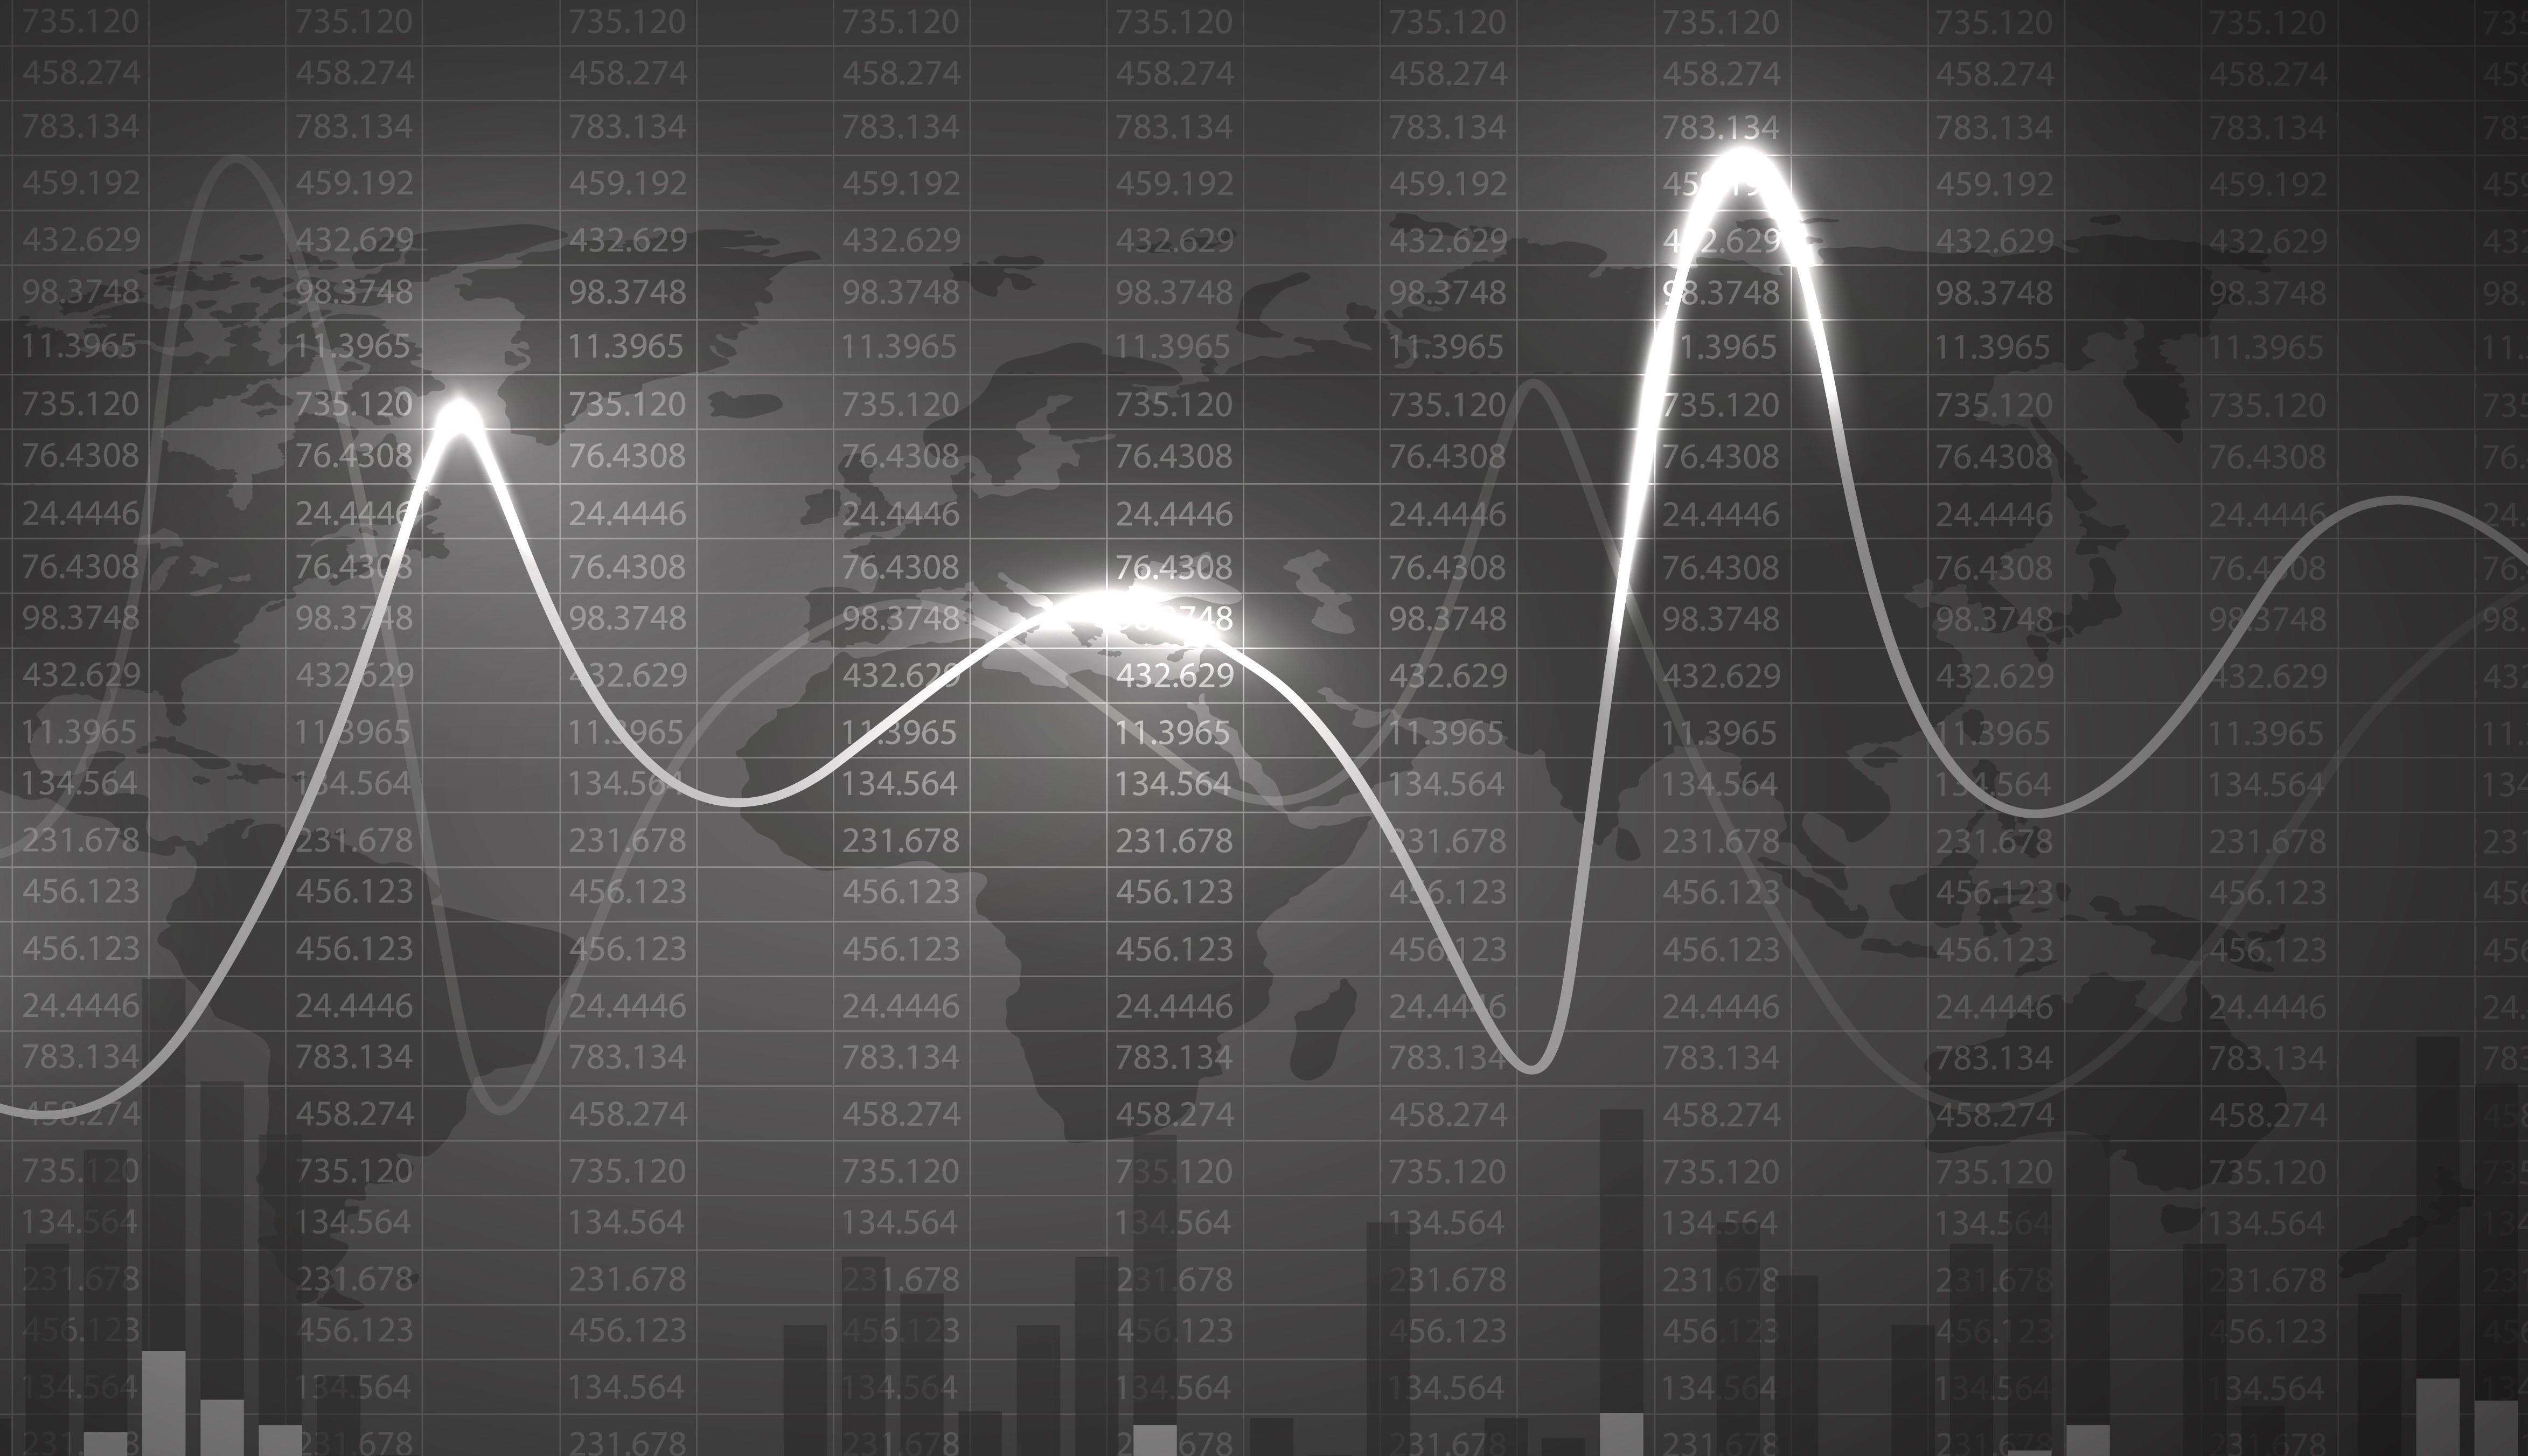 Obbligazioni societarie Em sono volatili: bene diversificare